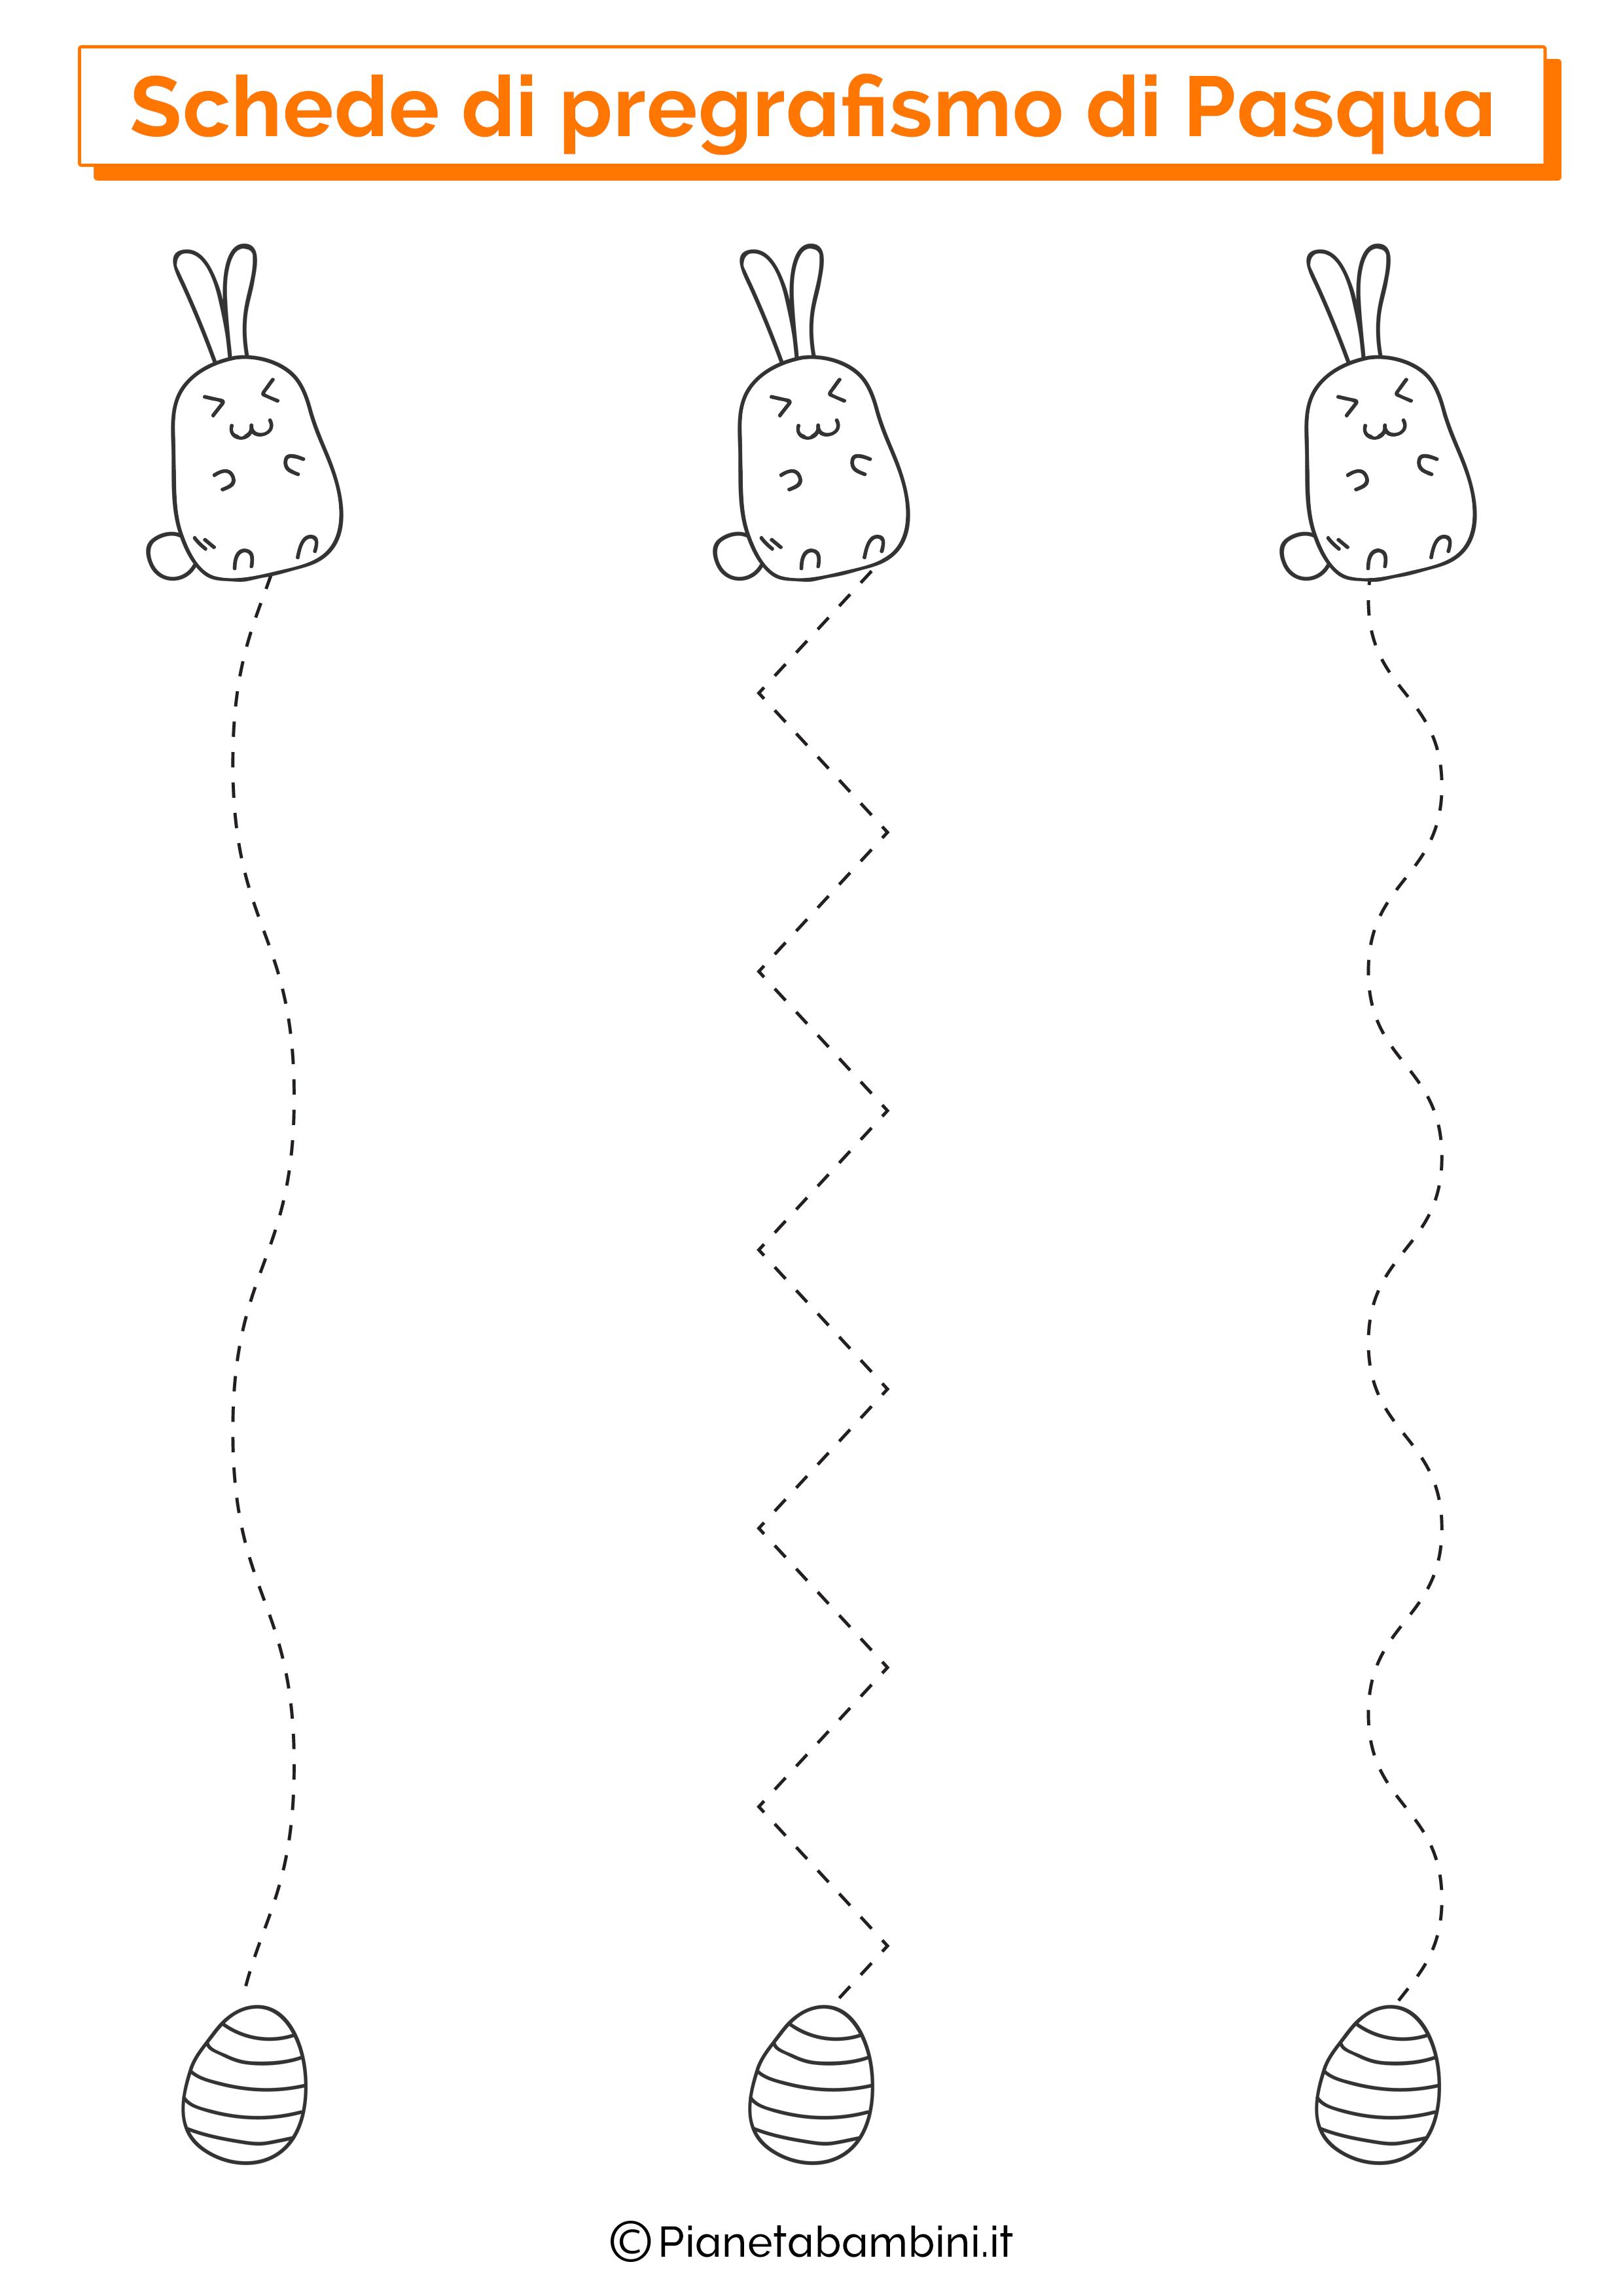 Scheda di pregrafismo di Pasqua su linee verticali 1